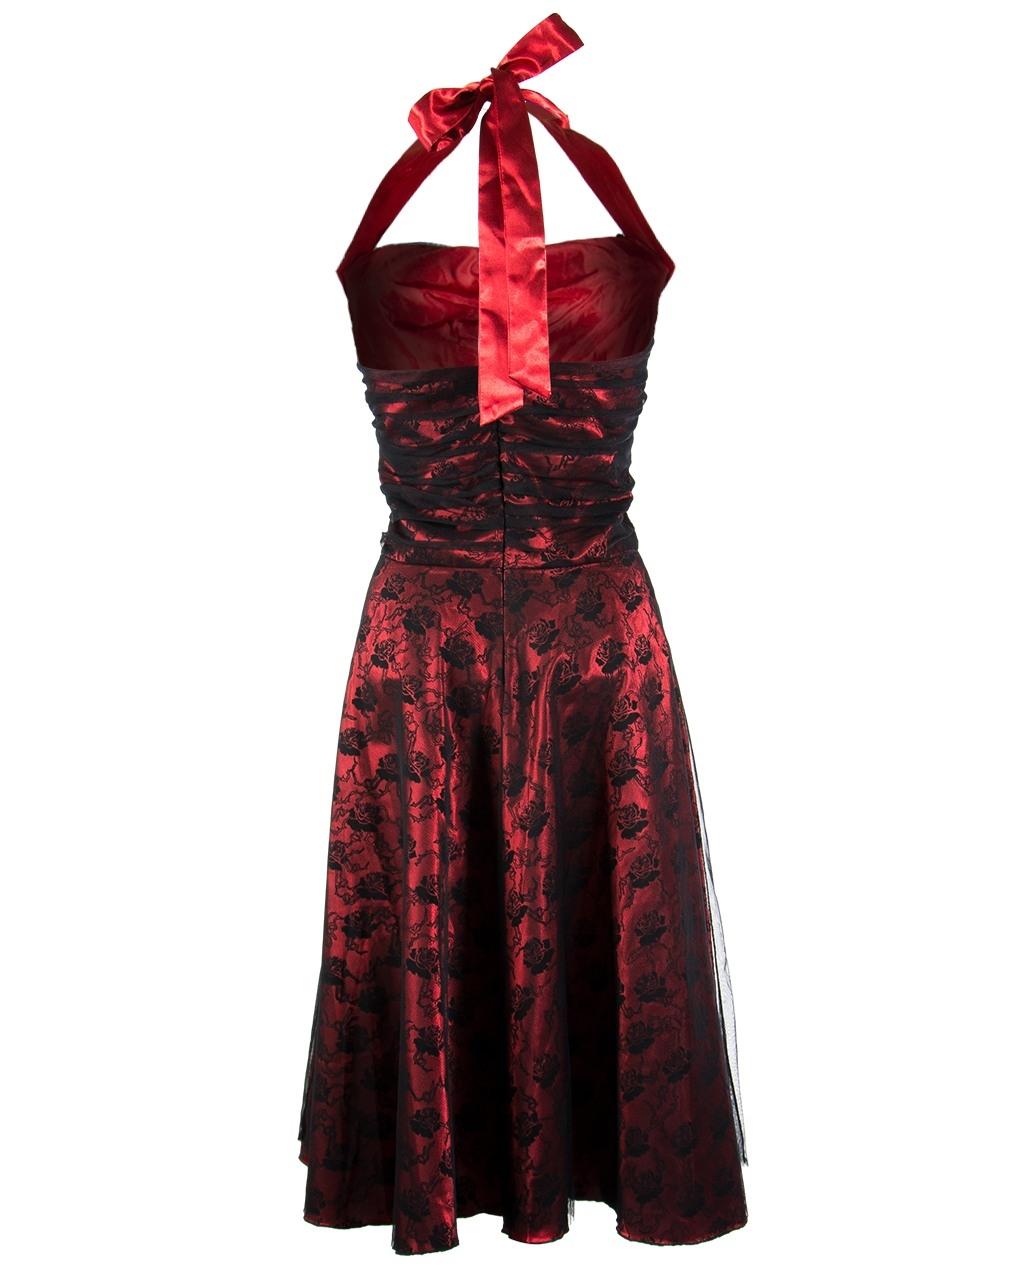 10 Kreativ Kleid Rot Schwarz BoutiqueFormal Perfekt Kleid Rot Schwarz Boutique